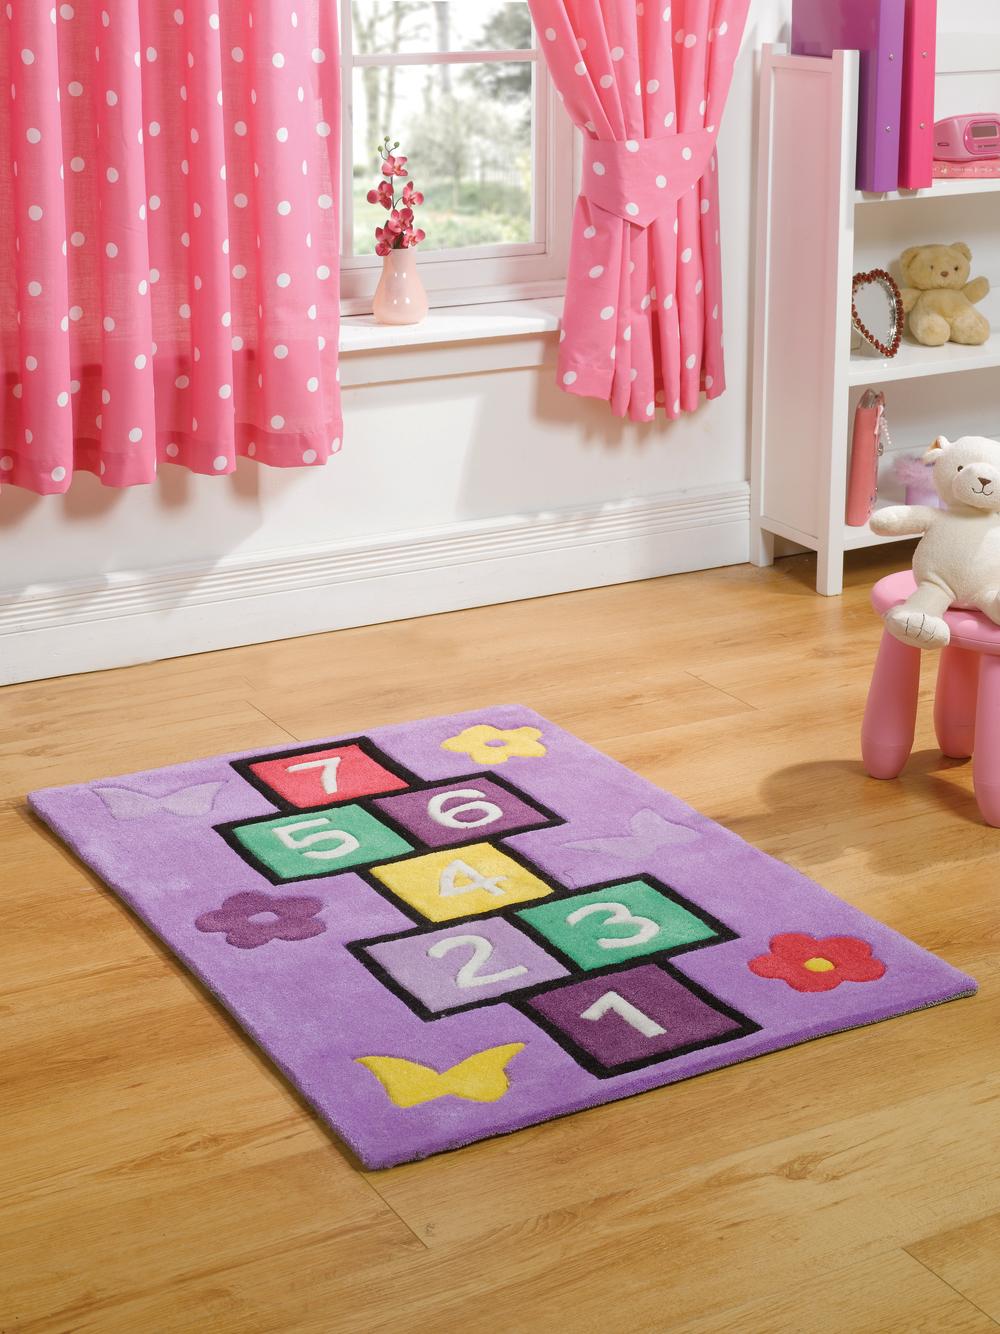 Kiddy_Play__Hopscotch